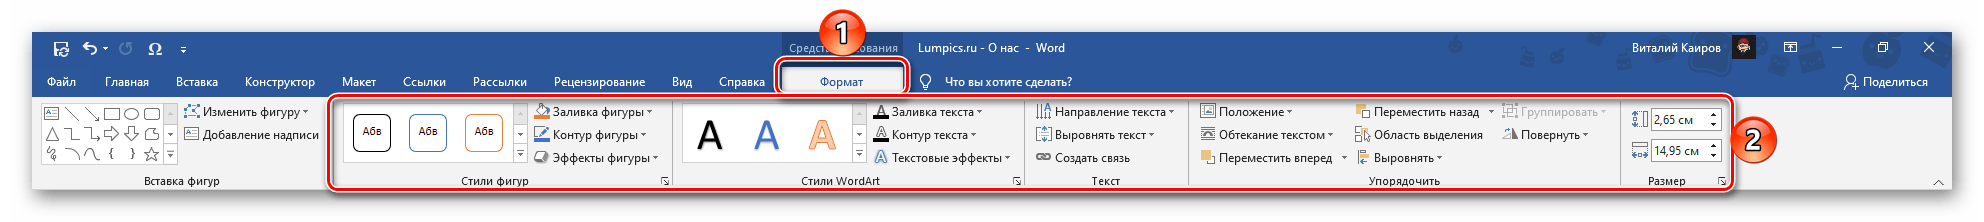 Средства редактирования надписи внутри текстового поля в текстовом редакторе Microsoft Word